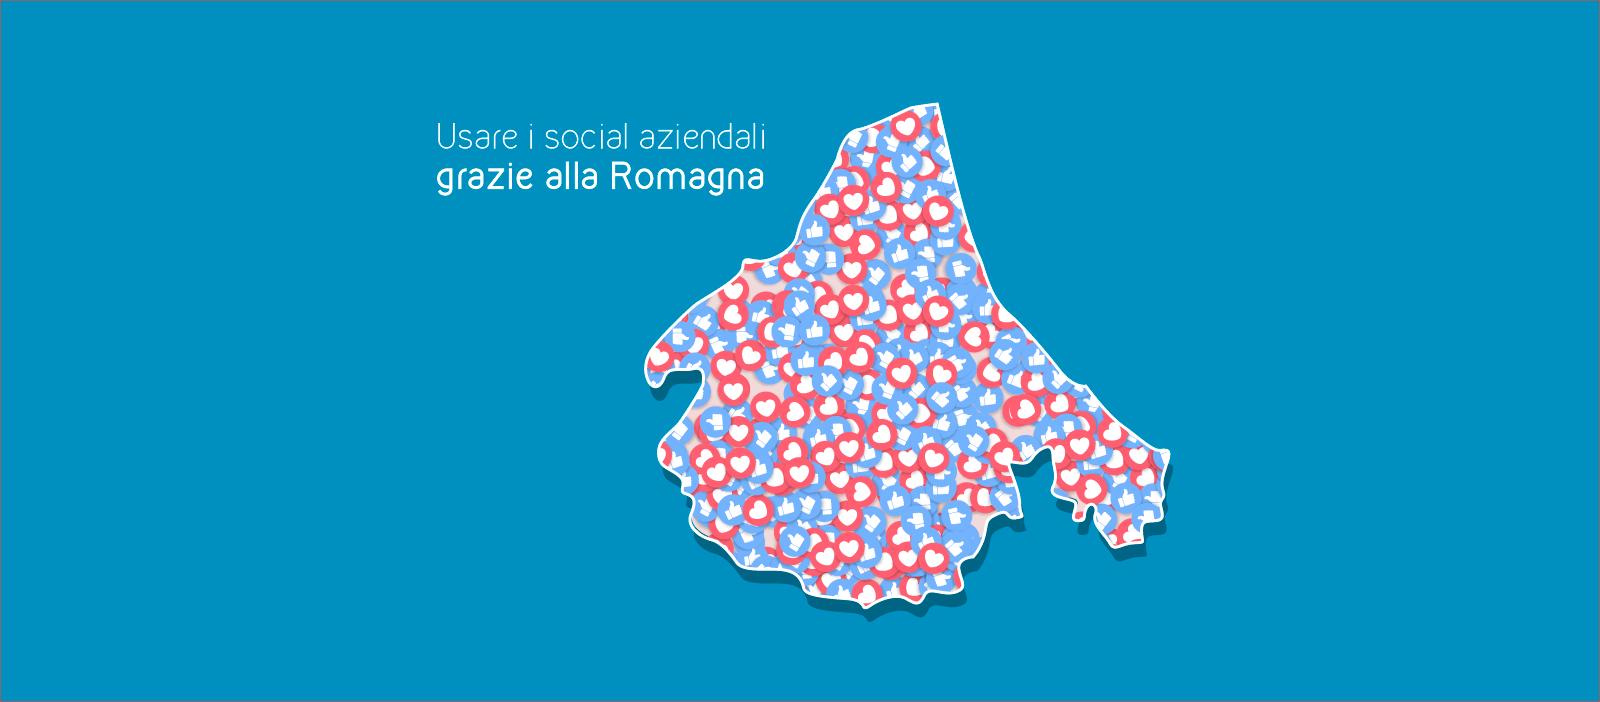 imparare a usare i social aziendali grazie alla Romagna